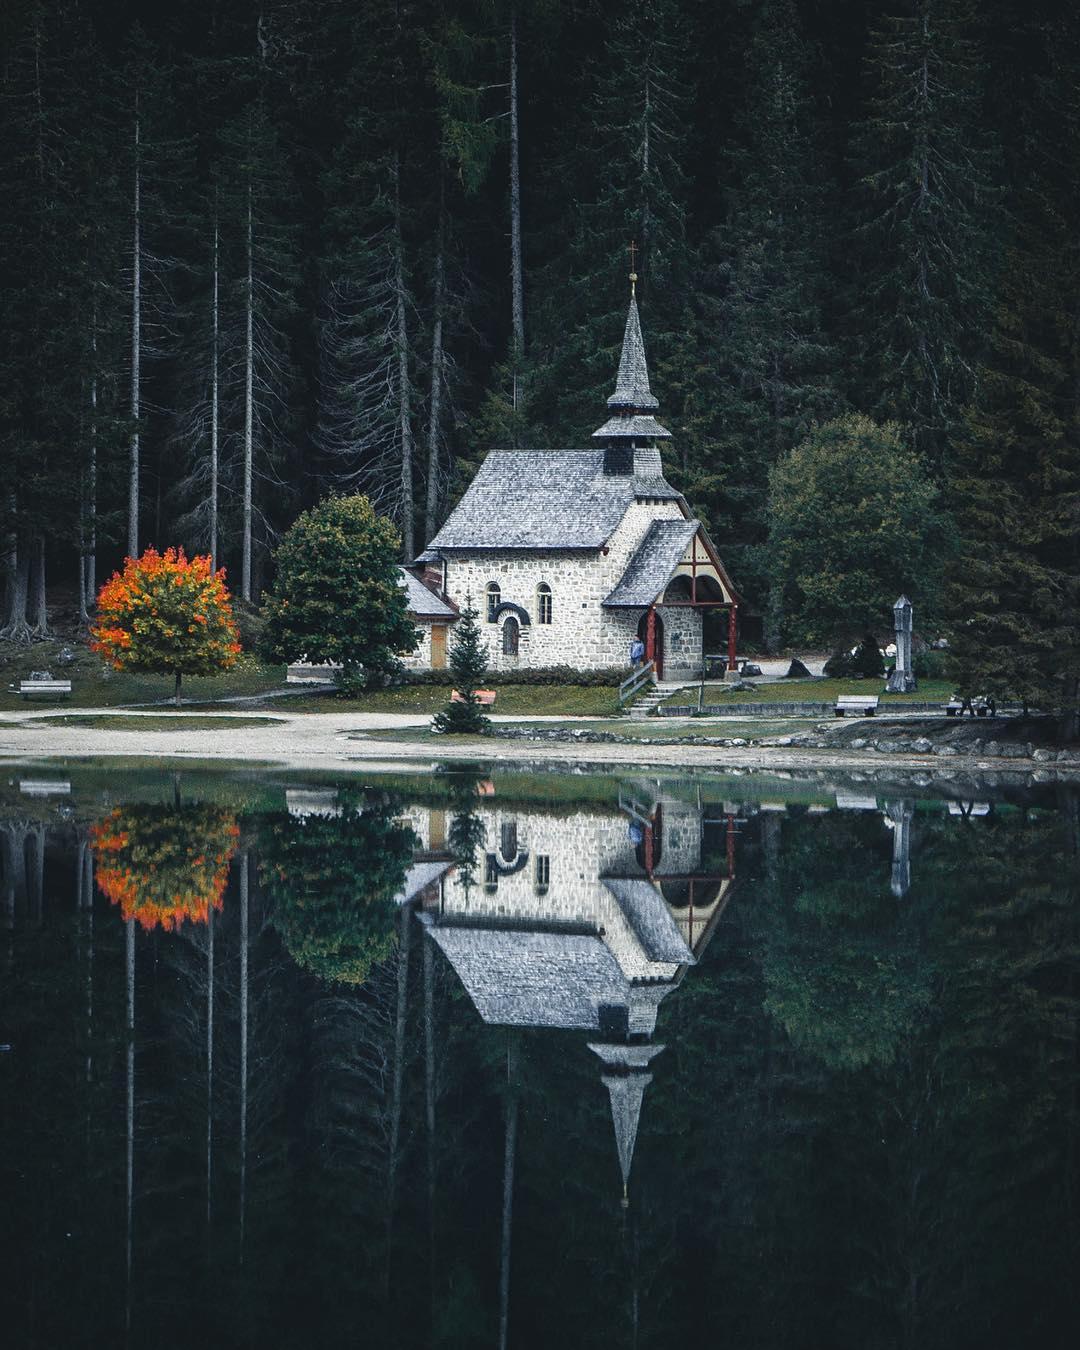 Удивительные путешествия и пейзажи на фото Янни Лааксо